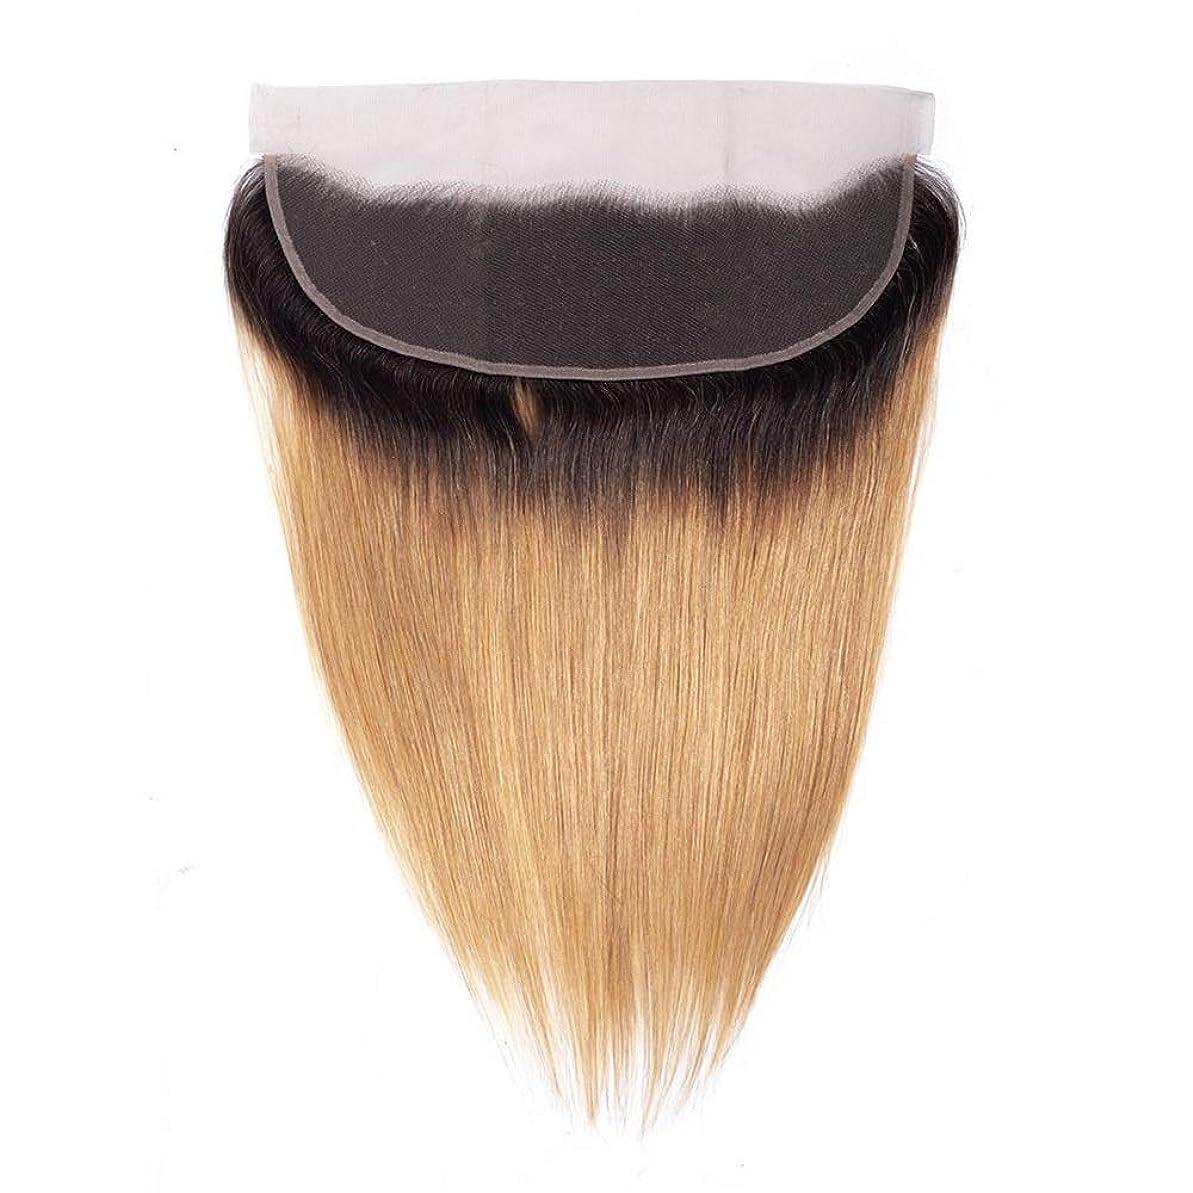 以前は人生を作るエピソードYESONEEP ストレートヘア前頭耳に耳レース前頭閉鎖13 * 4閉鎖人間の髪の毛の茶色の髪の拡張子フルヘッドファッションかつらかつら (Color : ブラウン, サイズ : 18 inch)